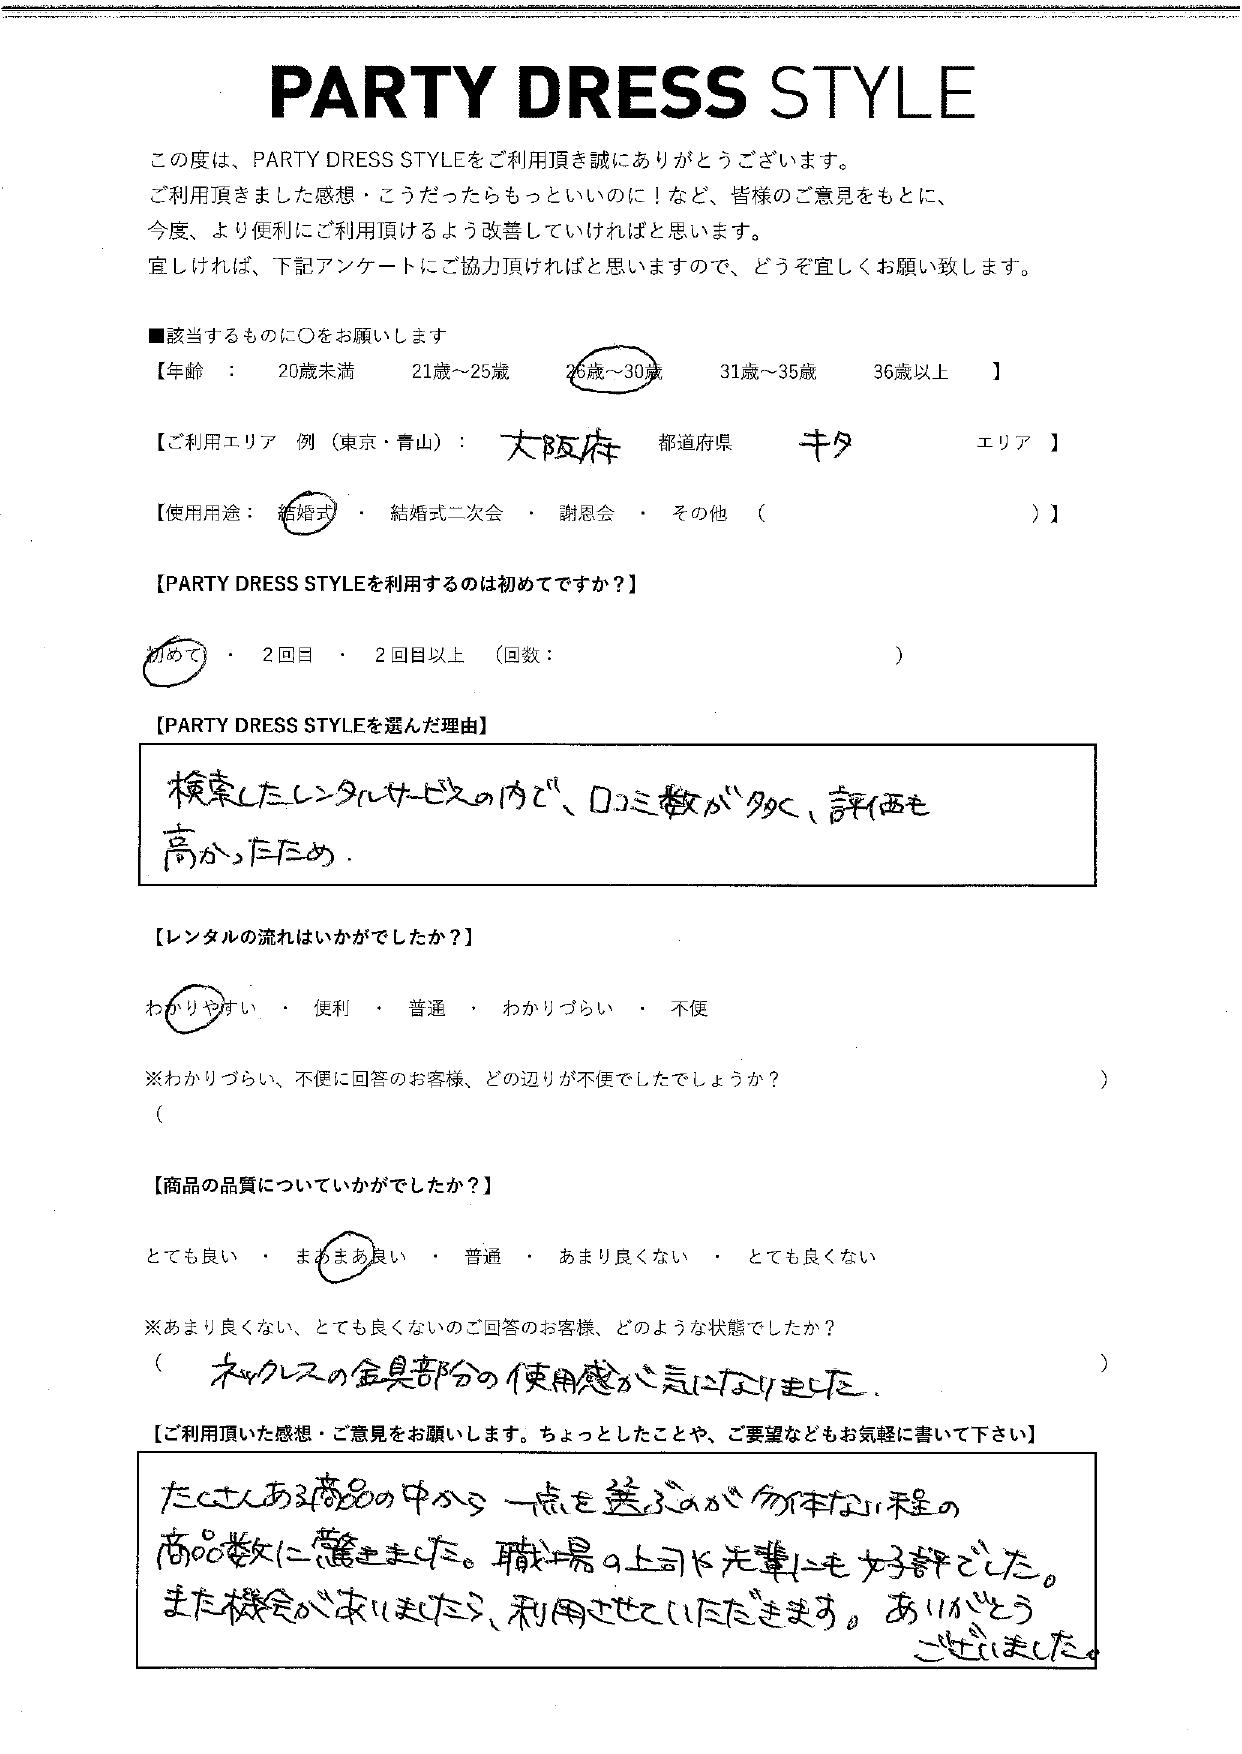 9/25結婚式ご利用 大阪・キタエリア